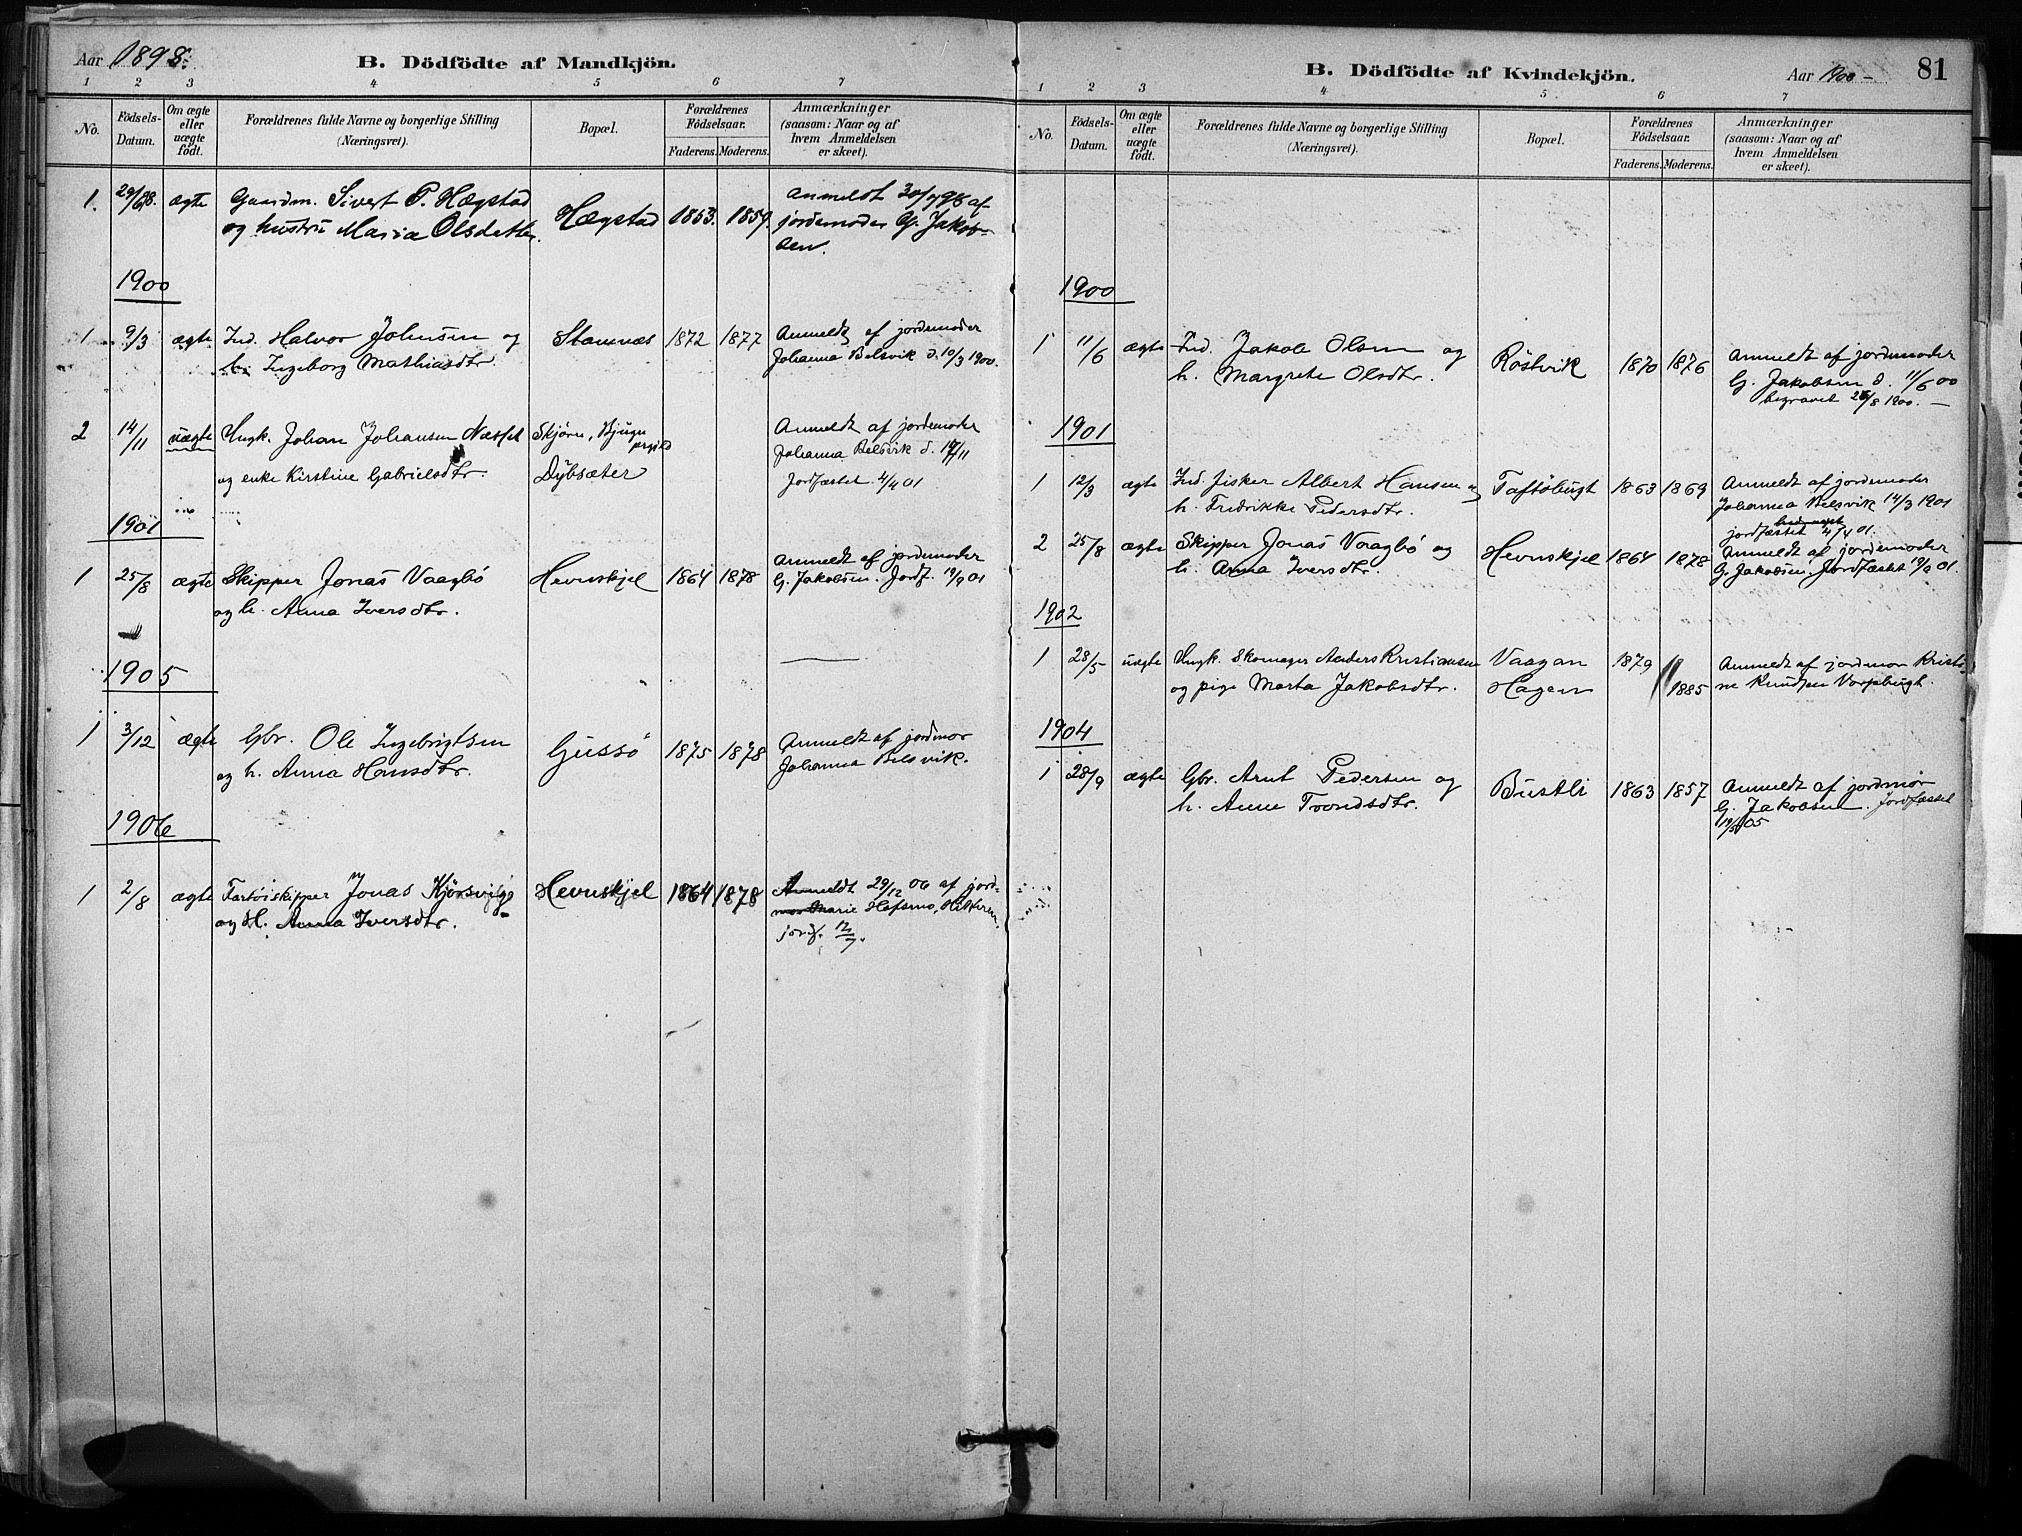 SAT, Ministerialprotokoller, klokkerbøker og fødselsregistre - Sør-Trøndelag, 633/L0518: Ministerialbok nr. 633A01, 1884-1906, s. 81